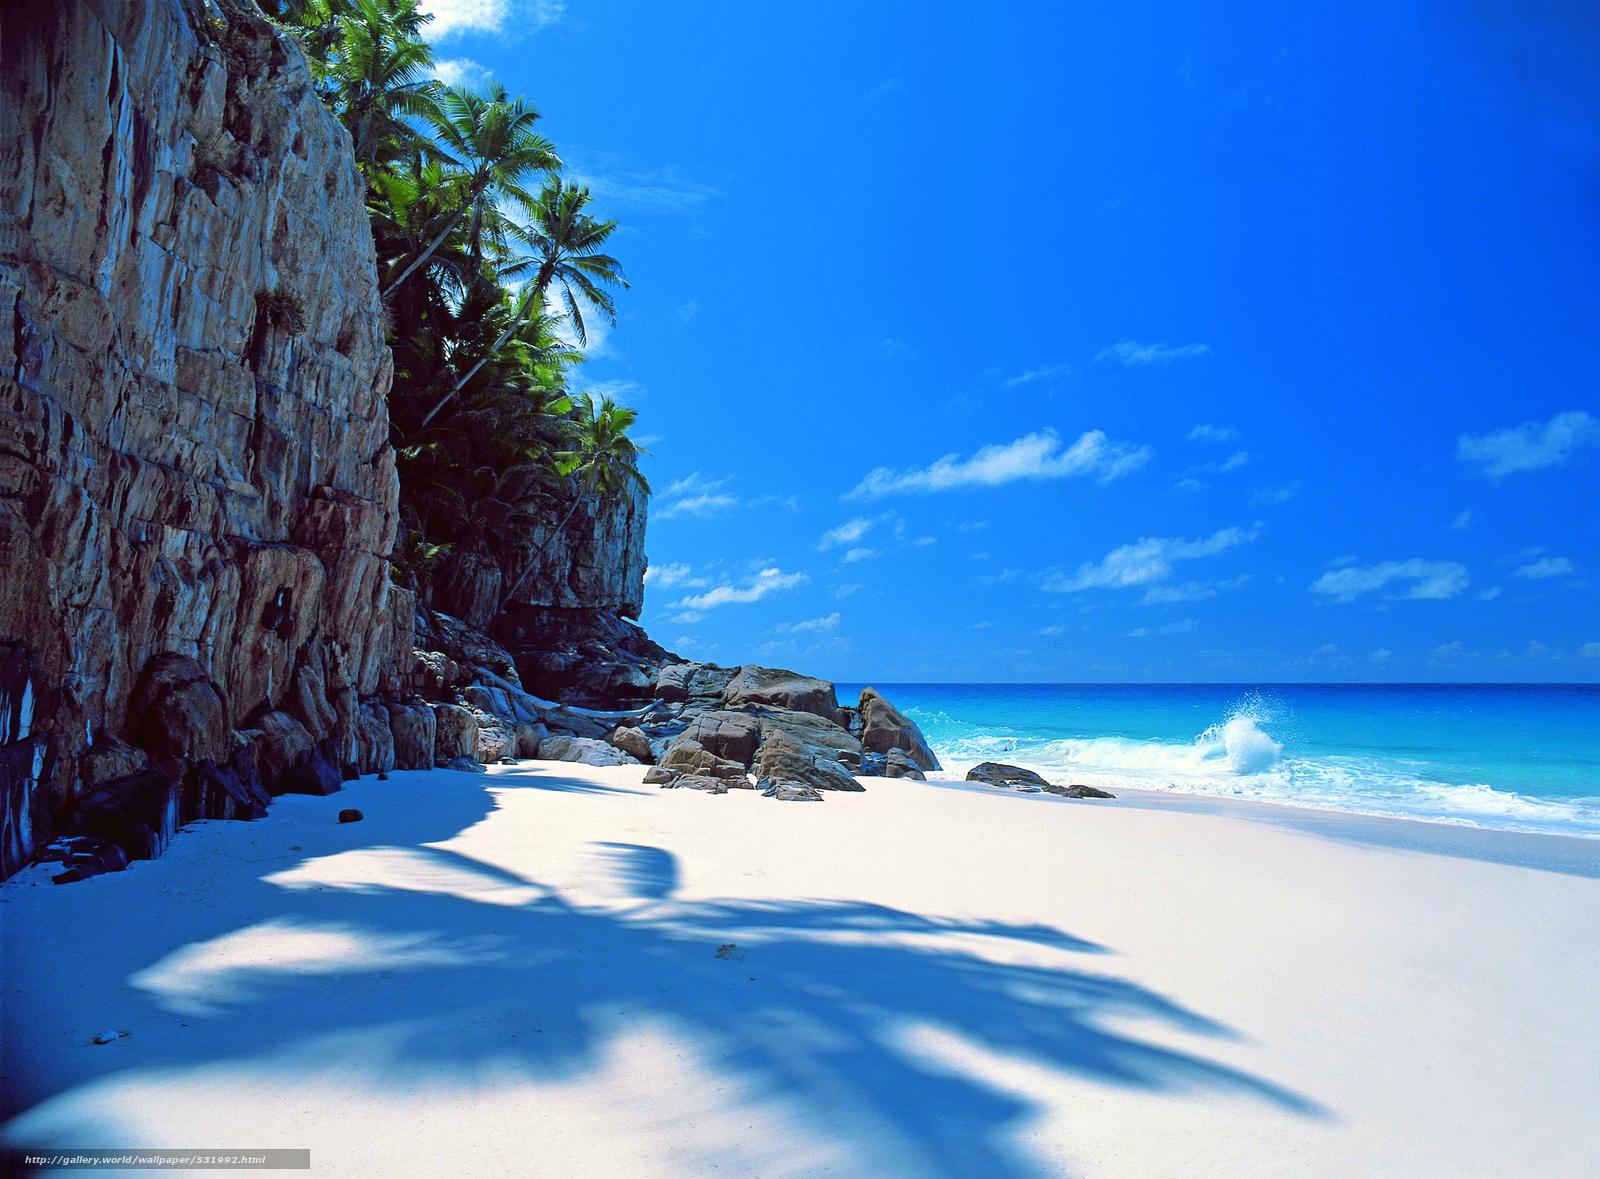 Tlcharger fond d 39 ecran fregate le seychelles fonds d for Bureau fond d ecran